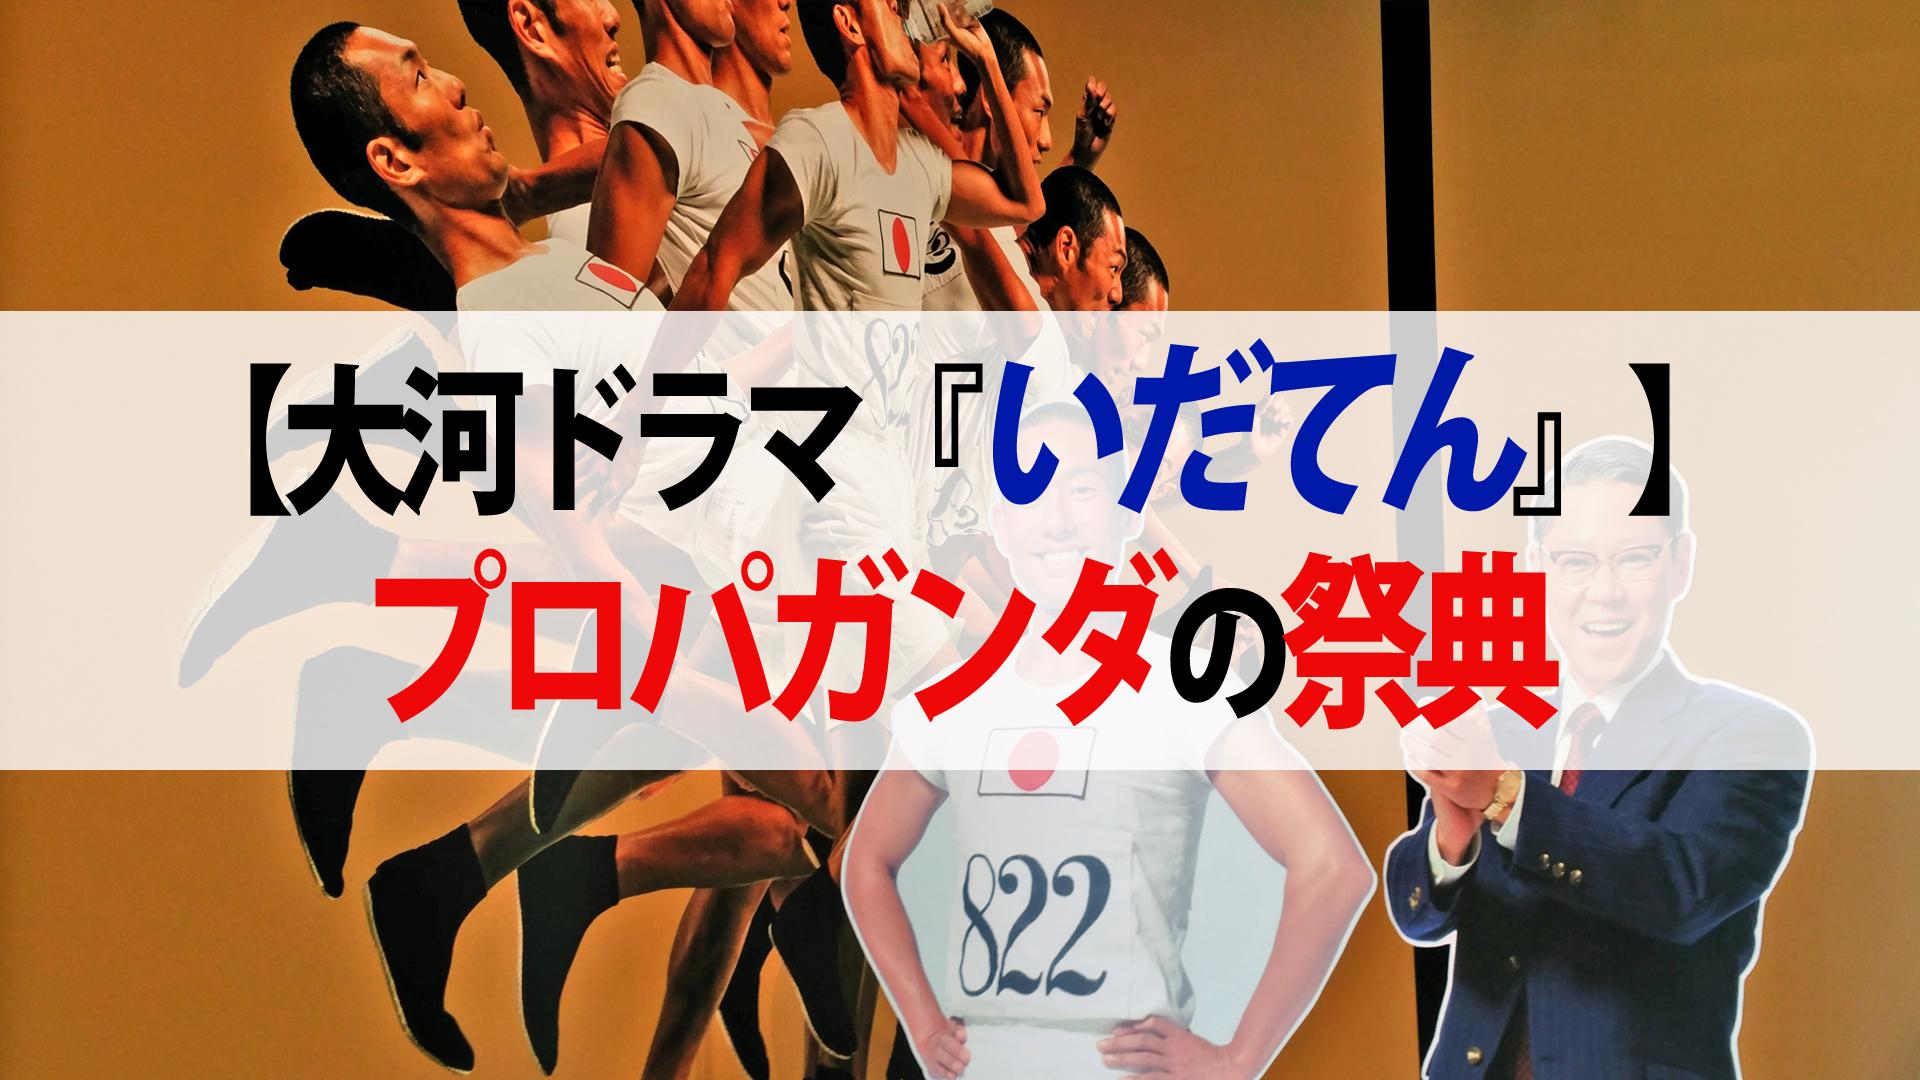 【いだてん『民族の祭典』】『プロパガンダの祭典』『日本初のマラソン金メダル』『シマからりくへ』第35回への反響まとめ